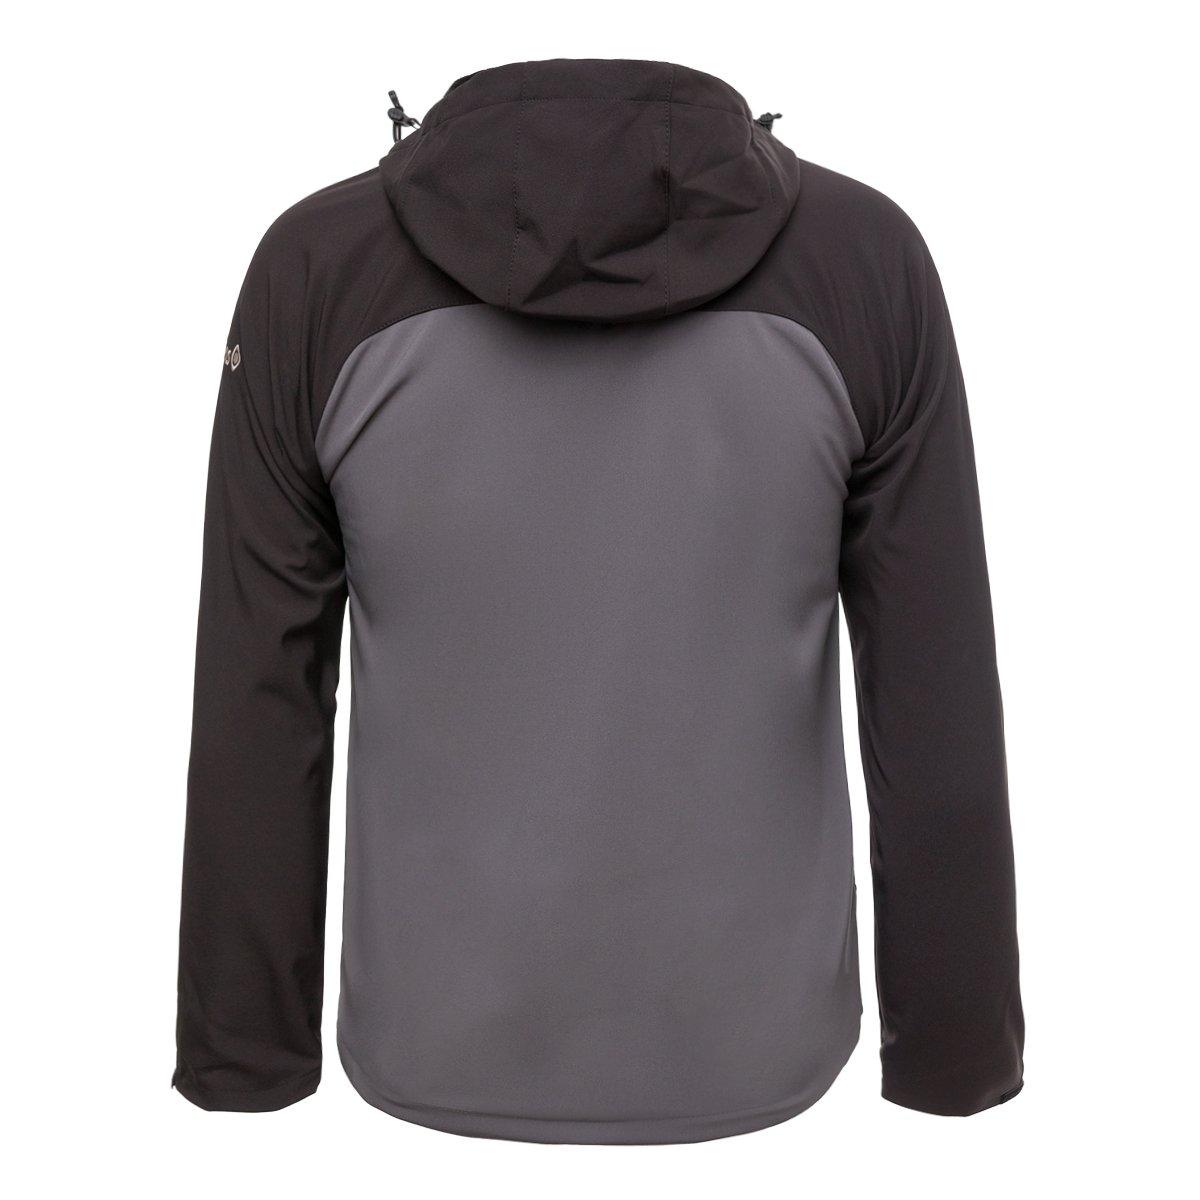 Amazon.com : Izas Basile Hiking Jacket : Sports & Outdoors